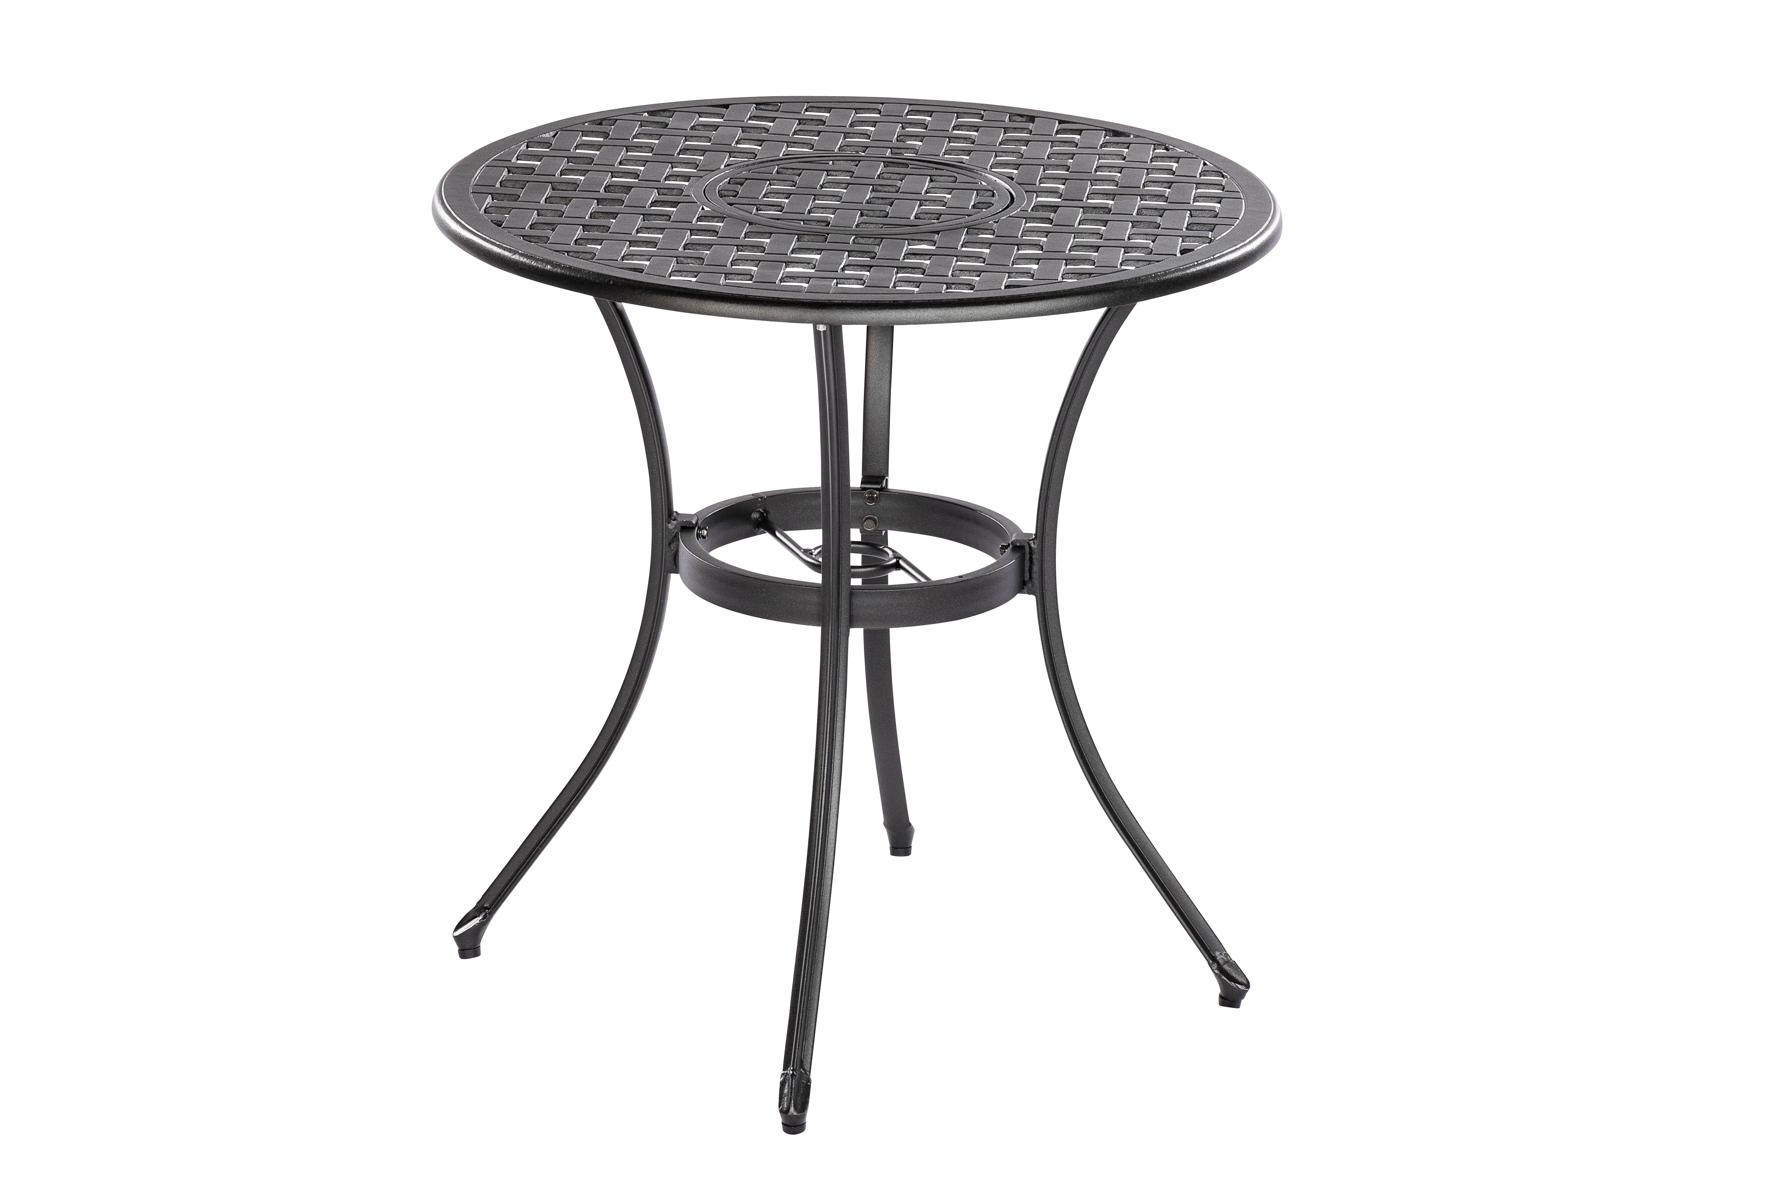 Tisch RHODOS 70cm rund, Aluguss graphit, mit Eiskübel